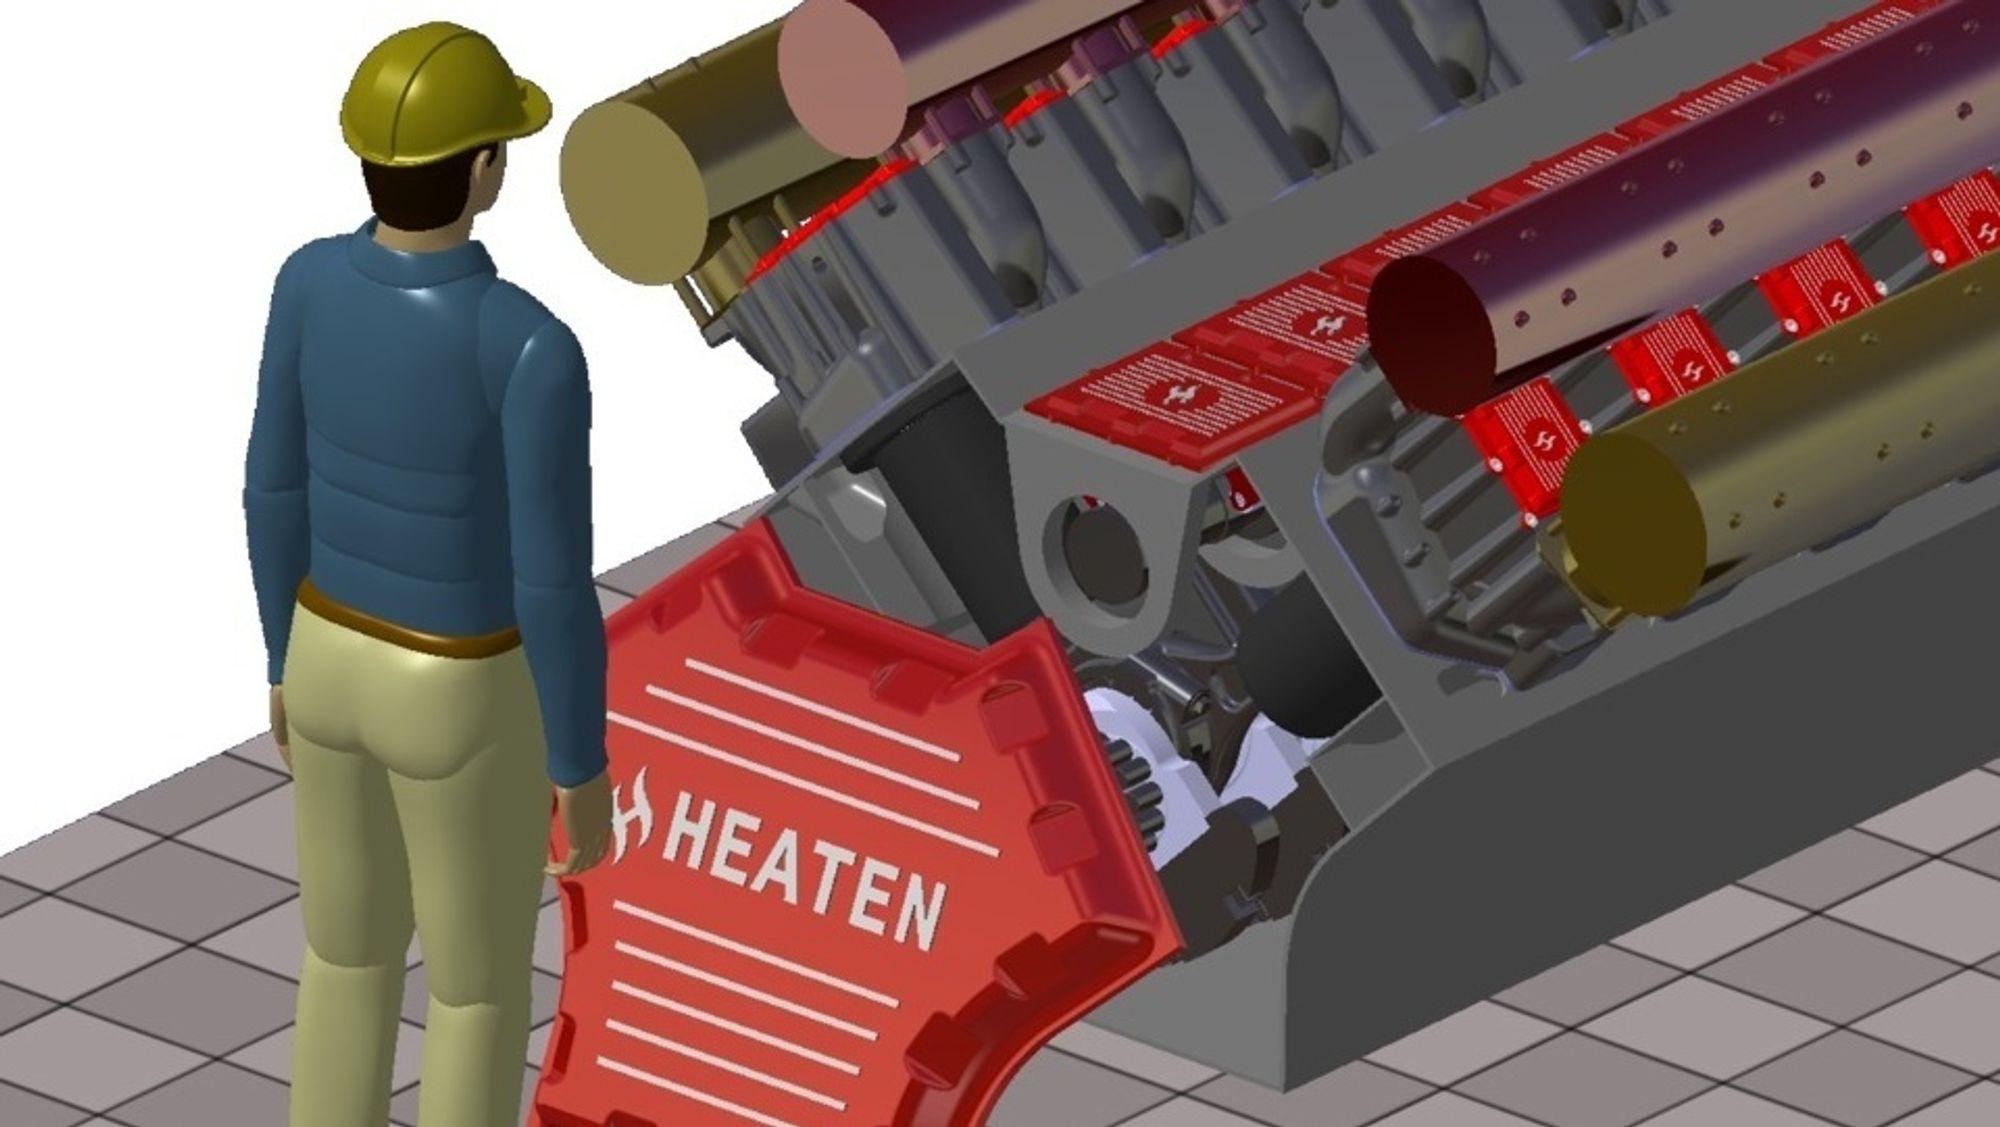 HeatBooster på 6 MW bygget opp av kompressorsylindre i V-formasjon.